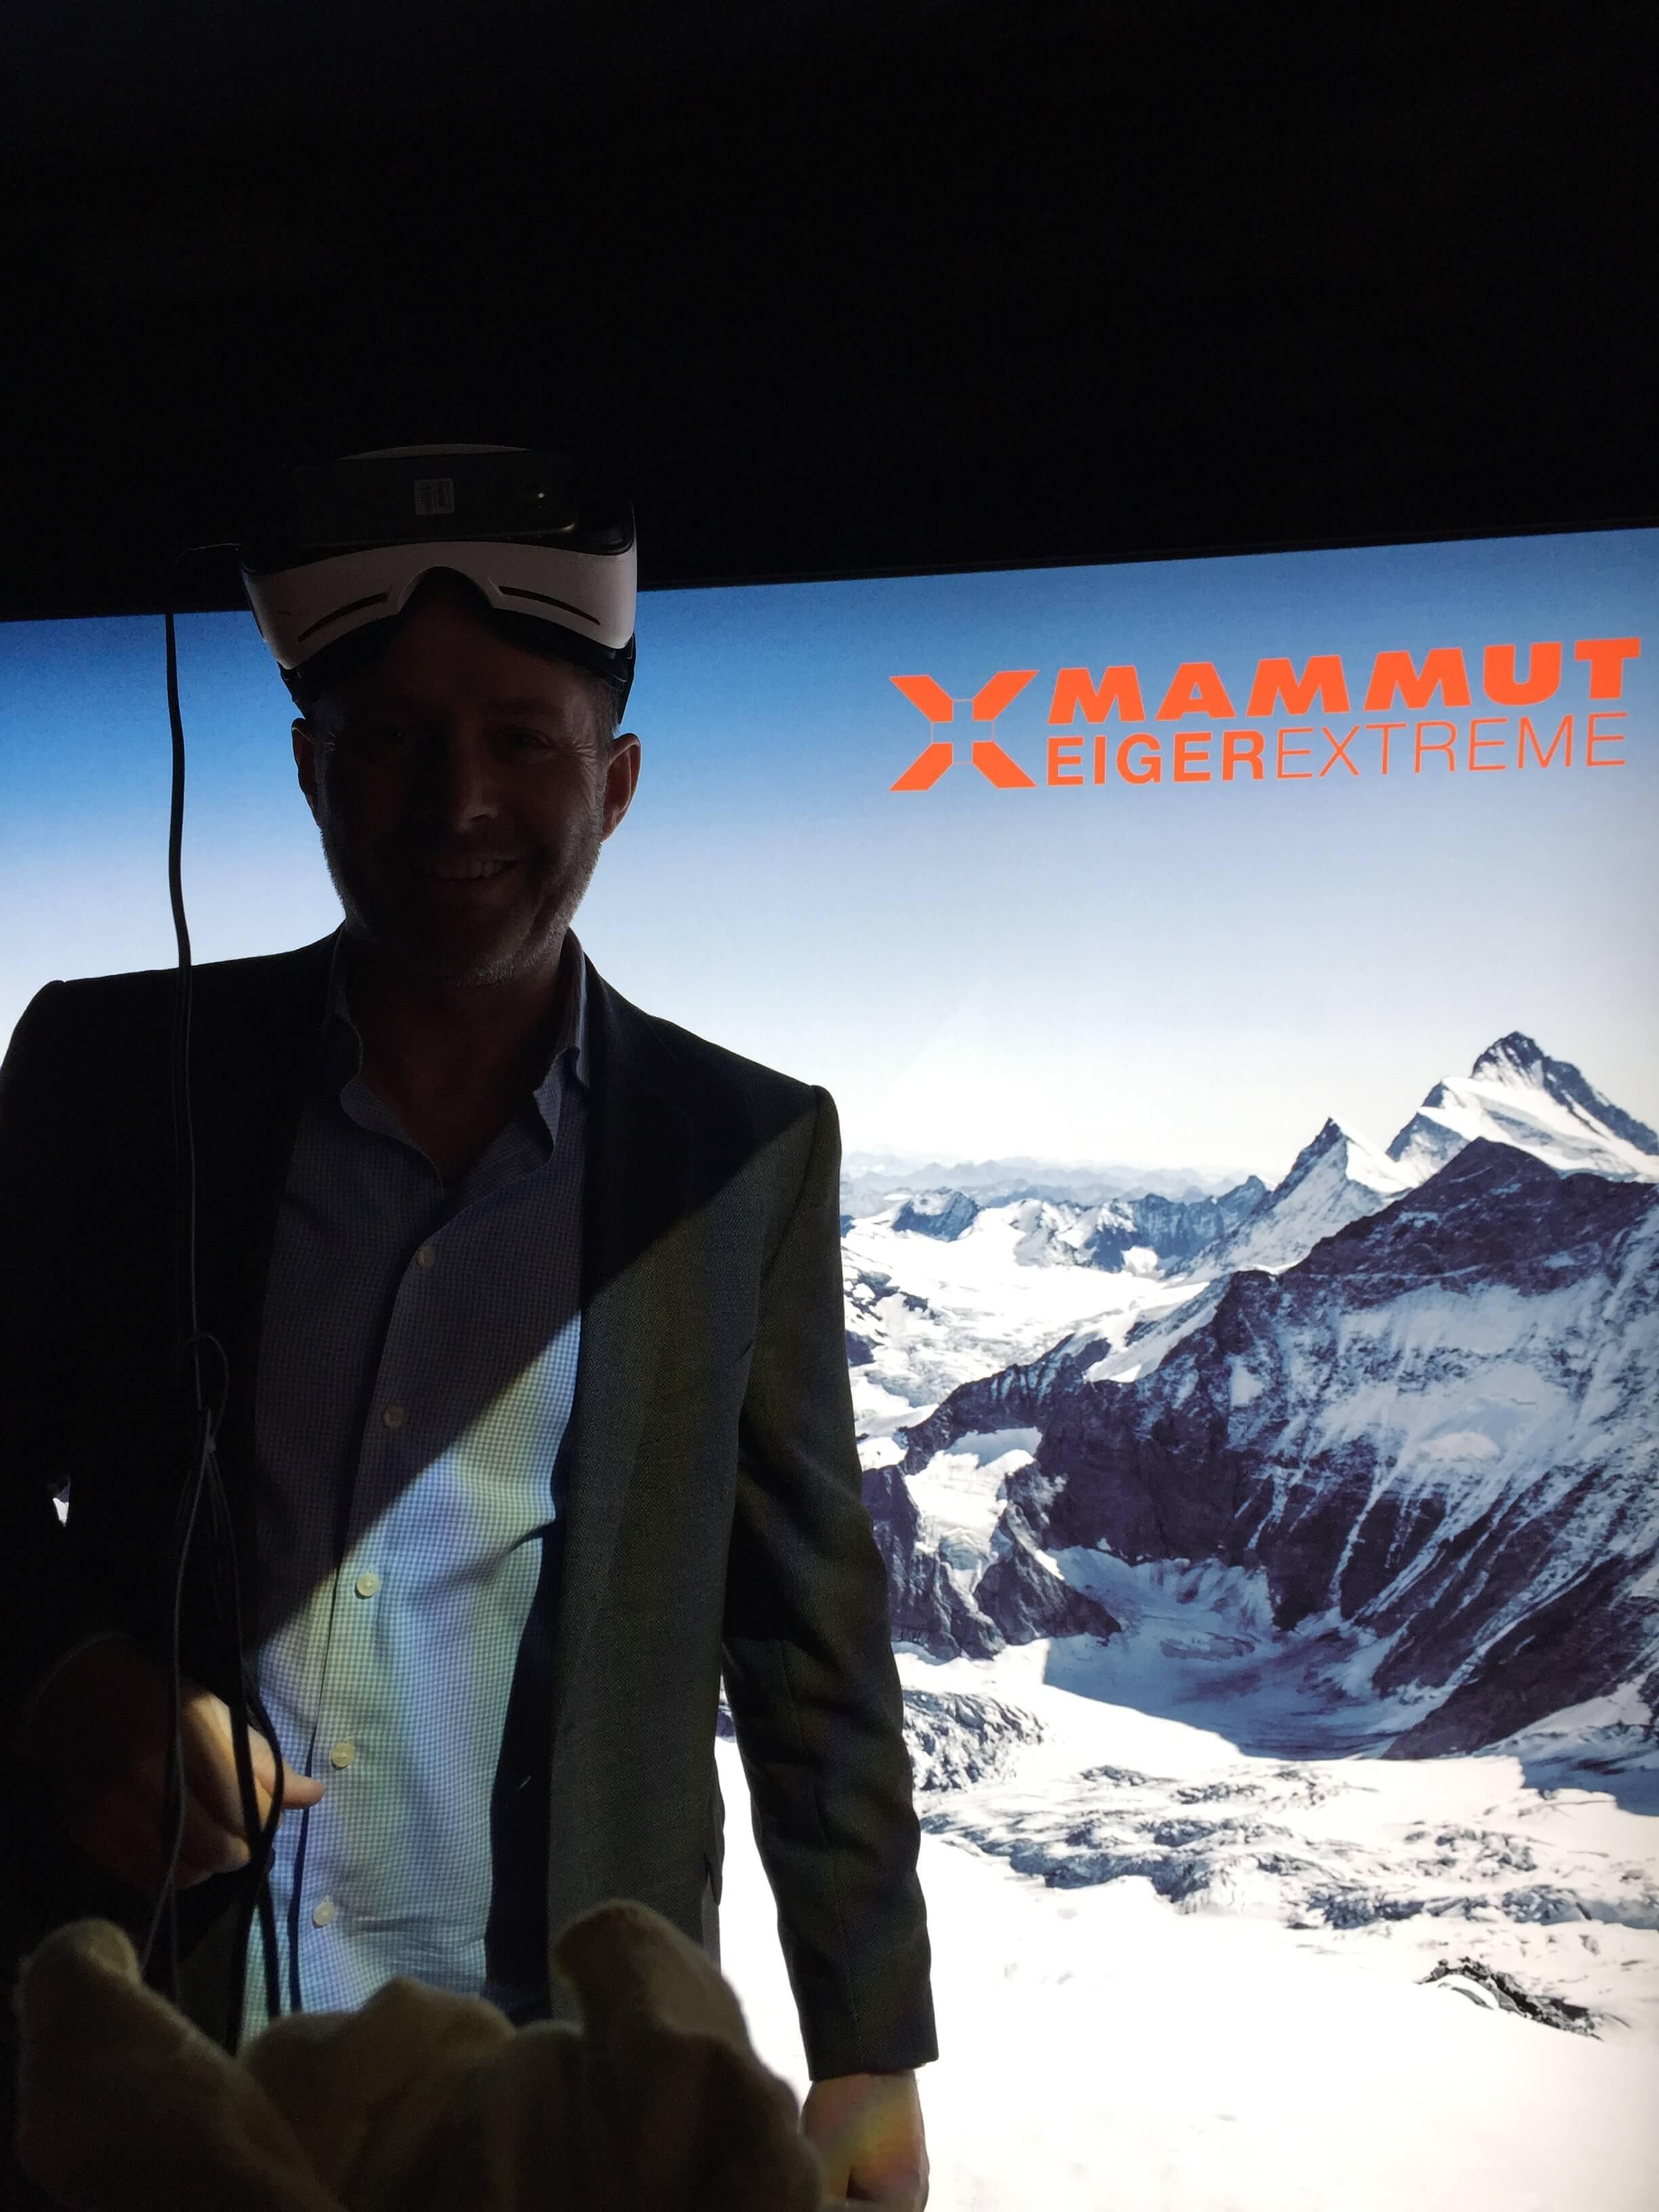 Christoph ostler, ISPO 2017, VR-Mammut